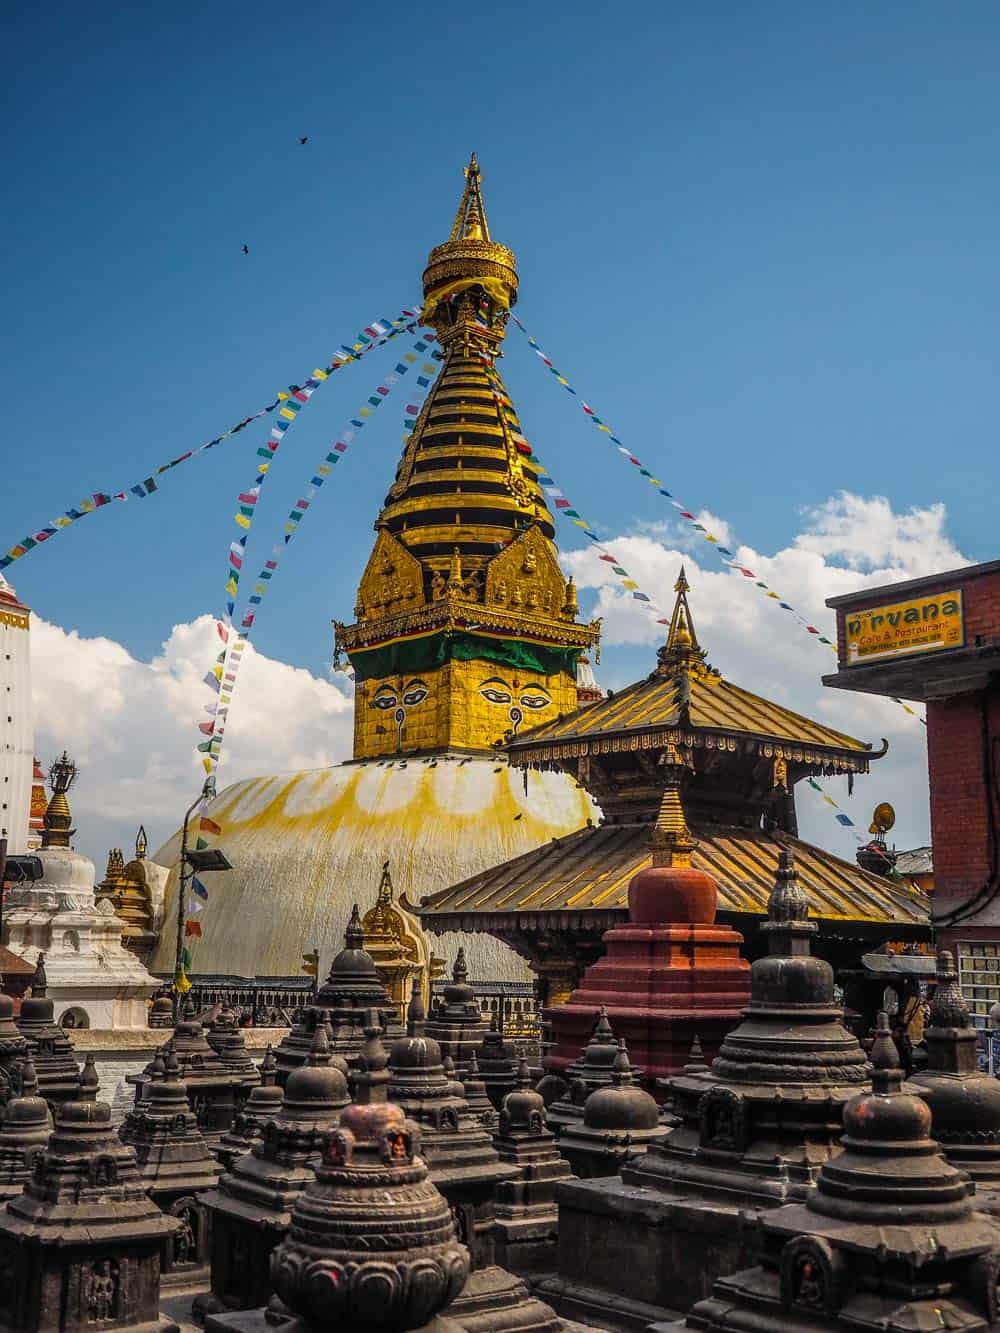 MonkeyTemple/Swayambhunath kathmandu nepal